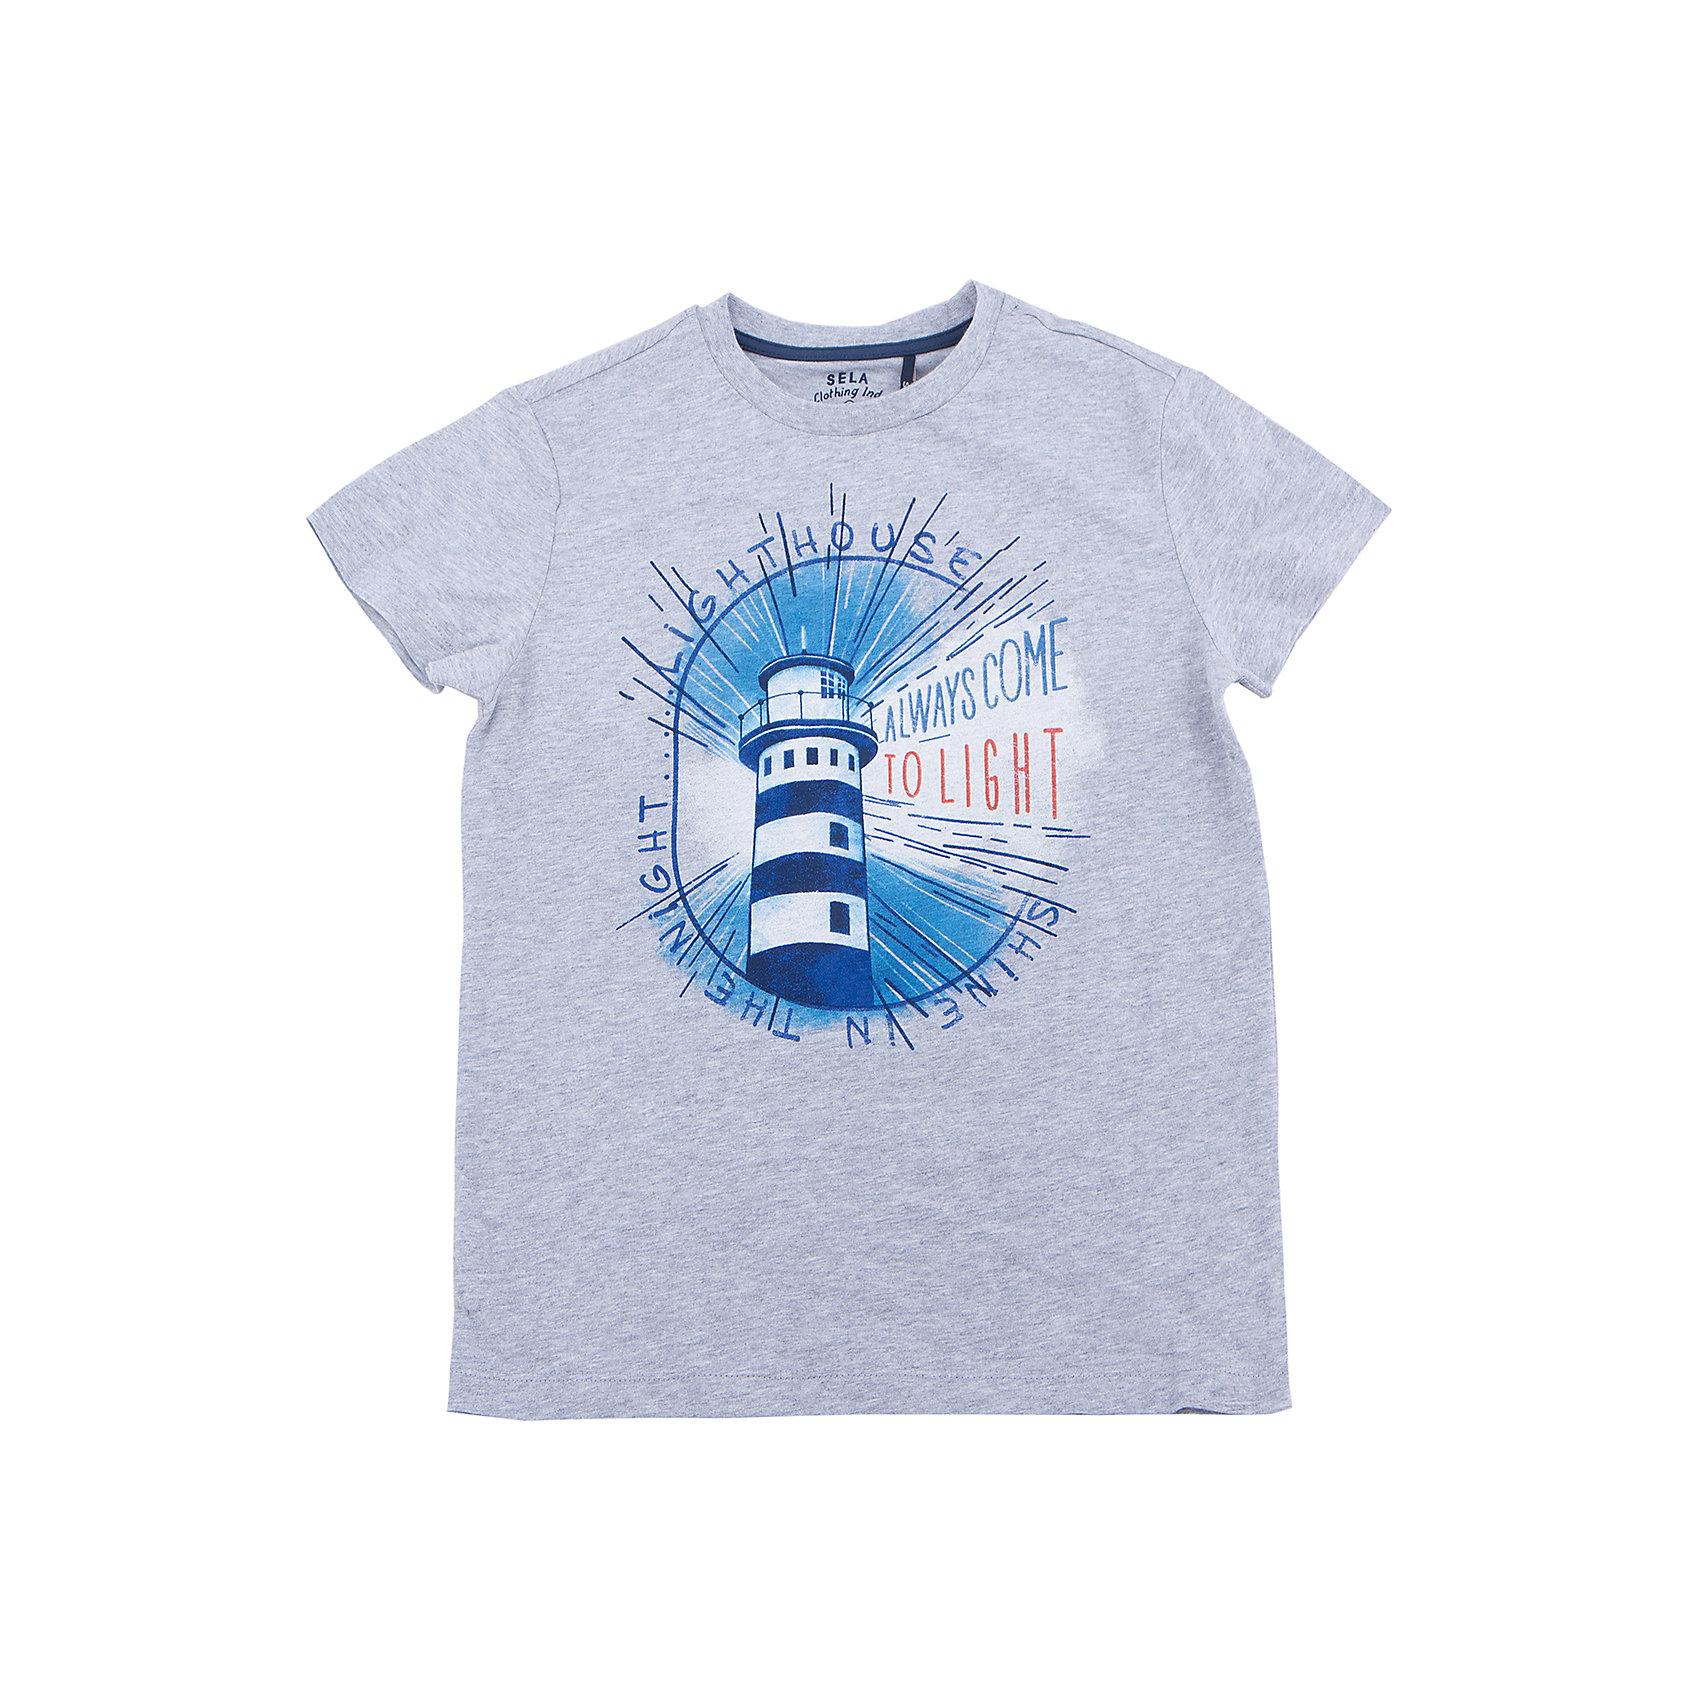 Футболка для мальчика SELAФутболки, поло и топы<br>Характеристики товара:<br><br>• состав: 100% хлопок<br>• сезон: лето<br>• рукава короткие<br>• округлый горловой вырез<br>• страна бренда: Россия<br><br>Вещи из новой коллекции SELA продолжают радовать удобством! Эта футболка для мальчика поможет разнообразить гардероб ребенка и обеспечить комфорт. Она отлично сочетается с шортами и брюками. Стильная и удобная вещь!<br><br>Одежда, обувь и аксессуары от российского бренда SELA не зря пользуются большой популярностью у детей и взрослых!<br><br>Футболку для мальчика от популярного бренда SELA (СЕЛА) можно купить в нашем интернет-магазине.<br><br>Ширина мм: 230<br>Глубина мм: 40<br>Высота мм: 220<br>Вес г: 250<br>Цвет: серый<br>Возраст от месяцев: 108<br>Возраст до месяцев: 120<br>Пол: Мужской<br>Возраст: Детский<br>Размер: 140,134,128,122,152,146<br>SKU: 5304095